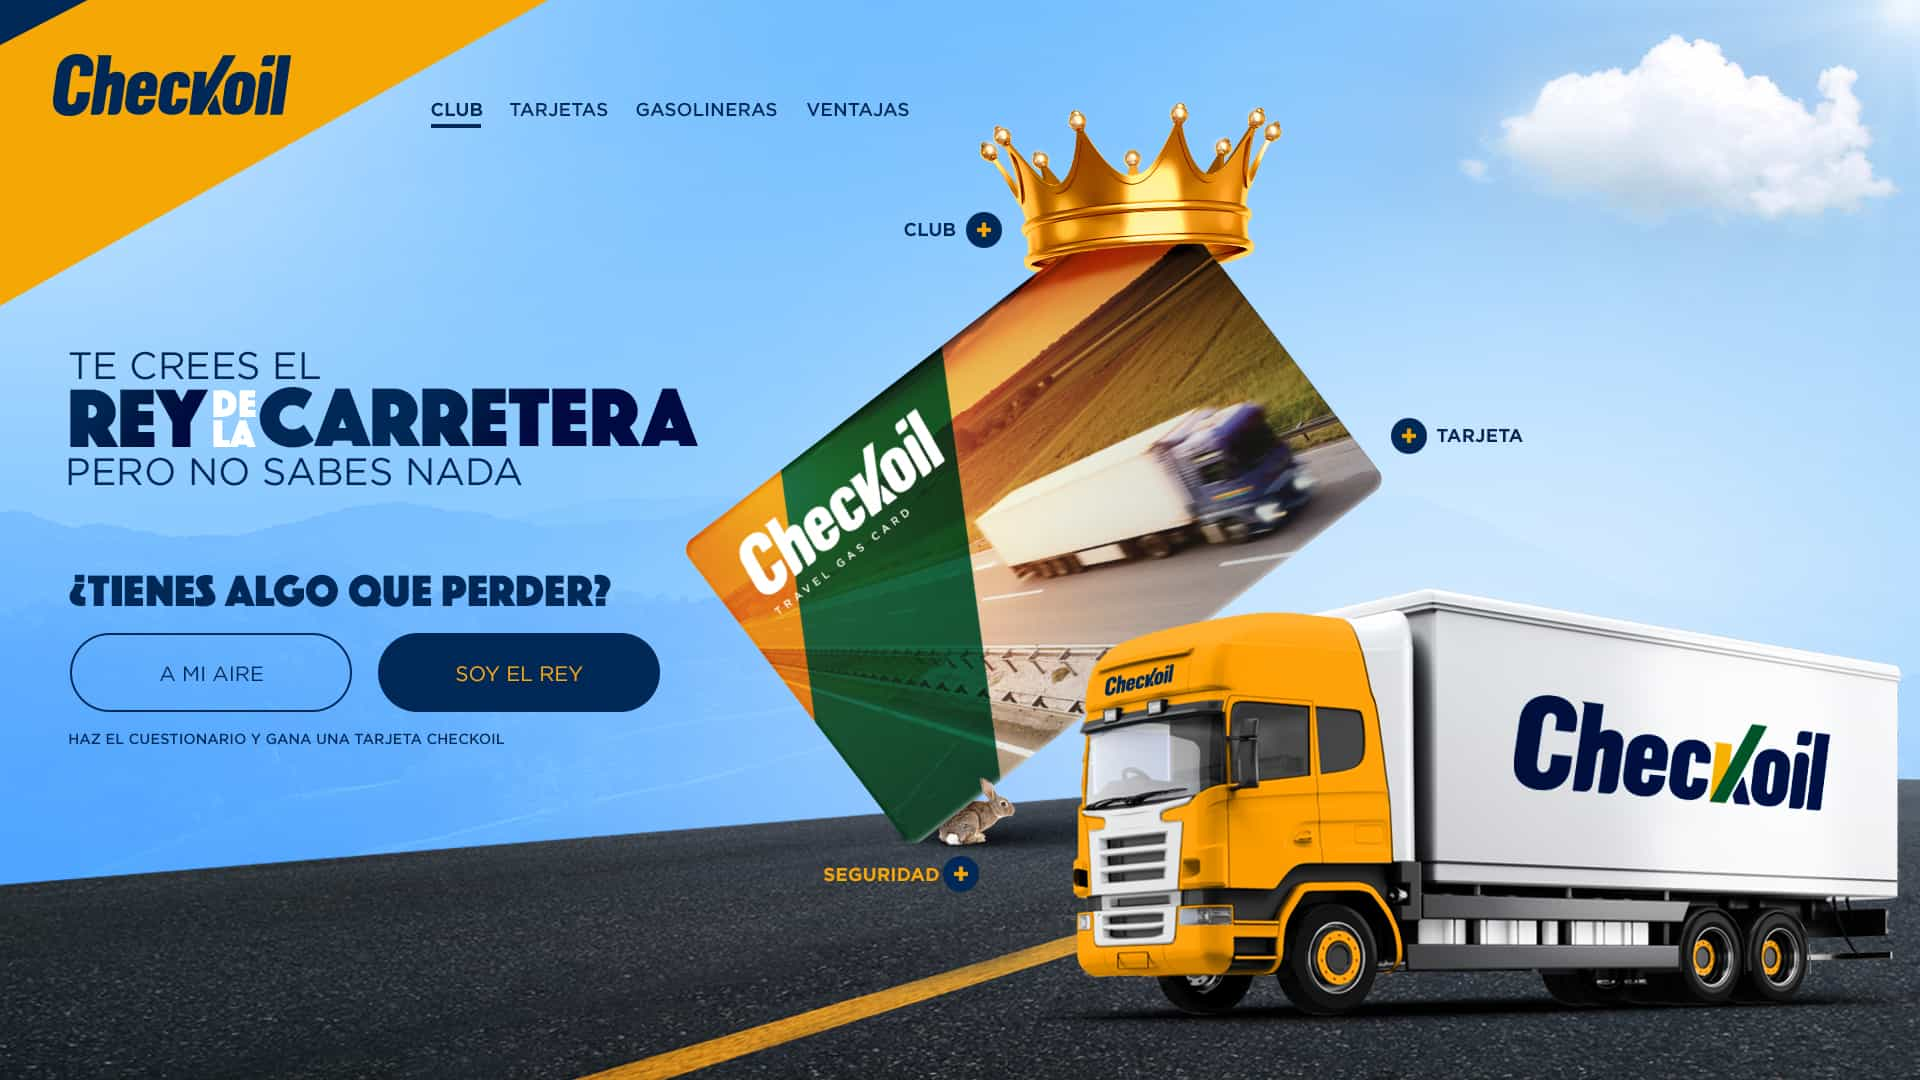 Checkoil | Identidad corporativa, Branding y Desarrollo Web 23